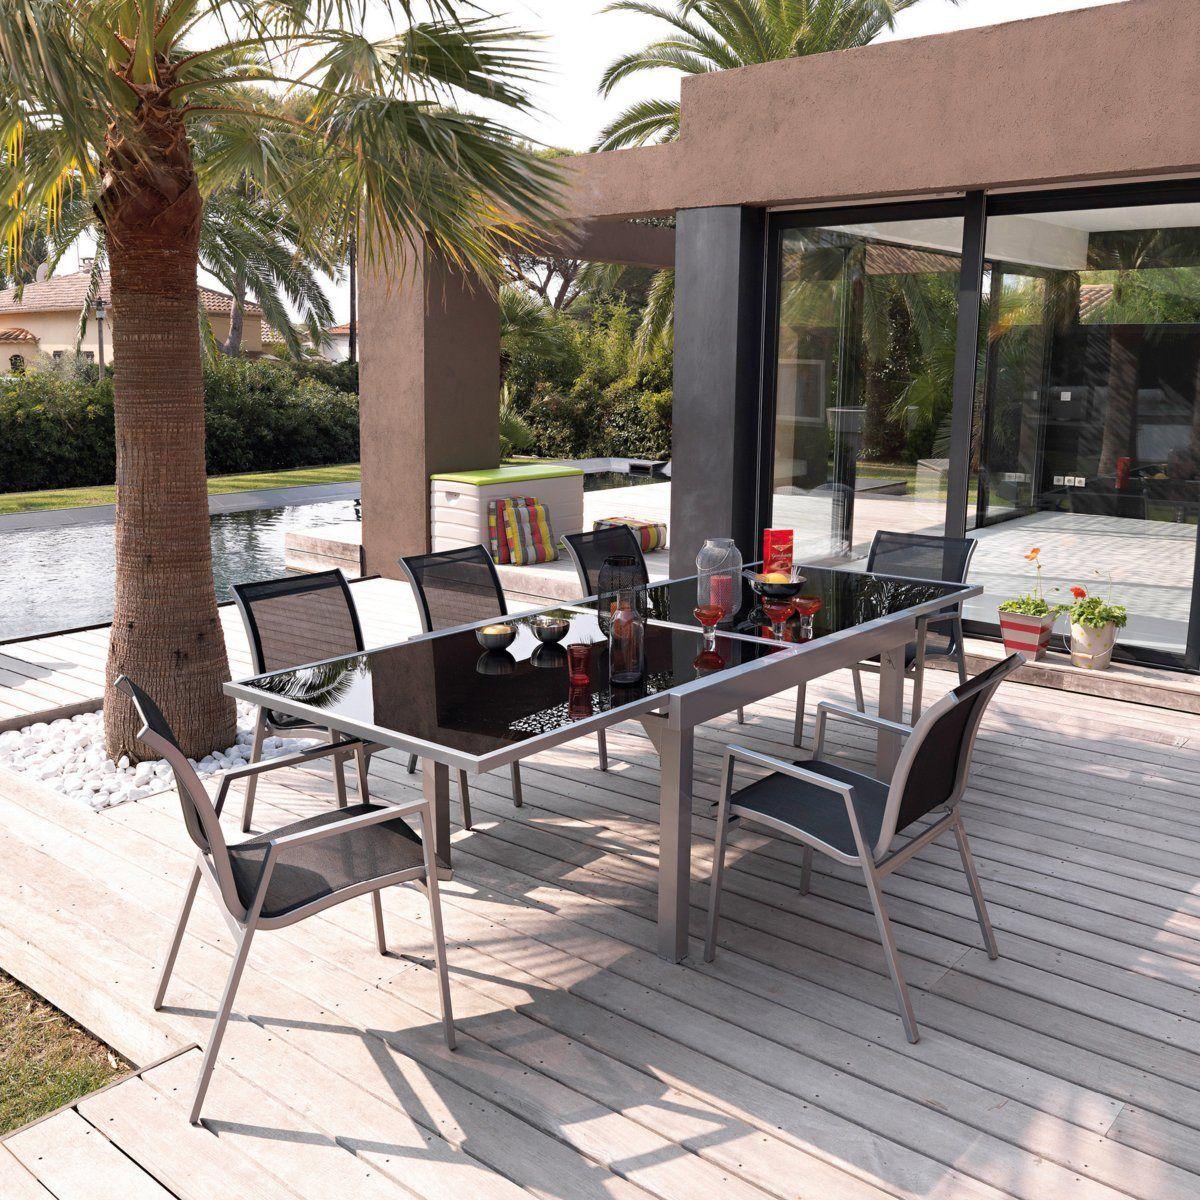 Salon de jardin métal et verre, table + 6 chaises | Pinterest